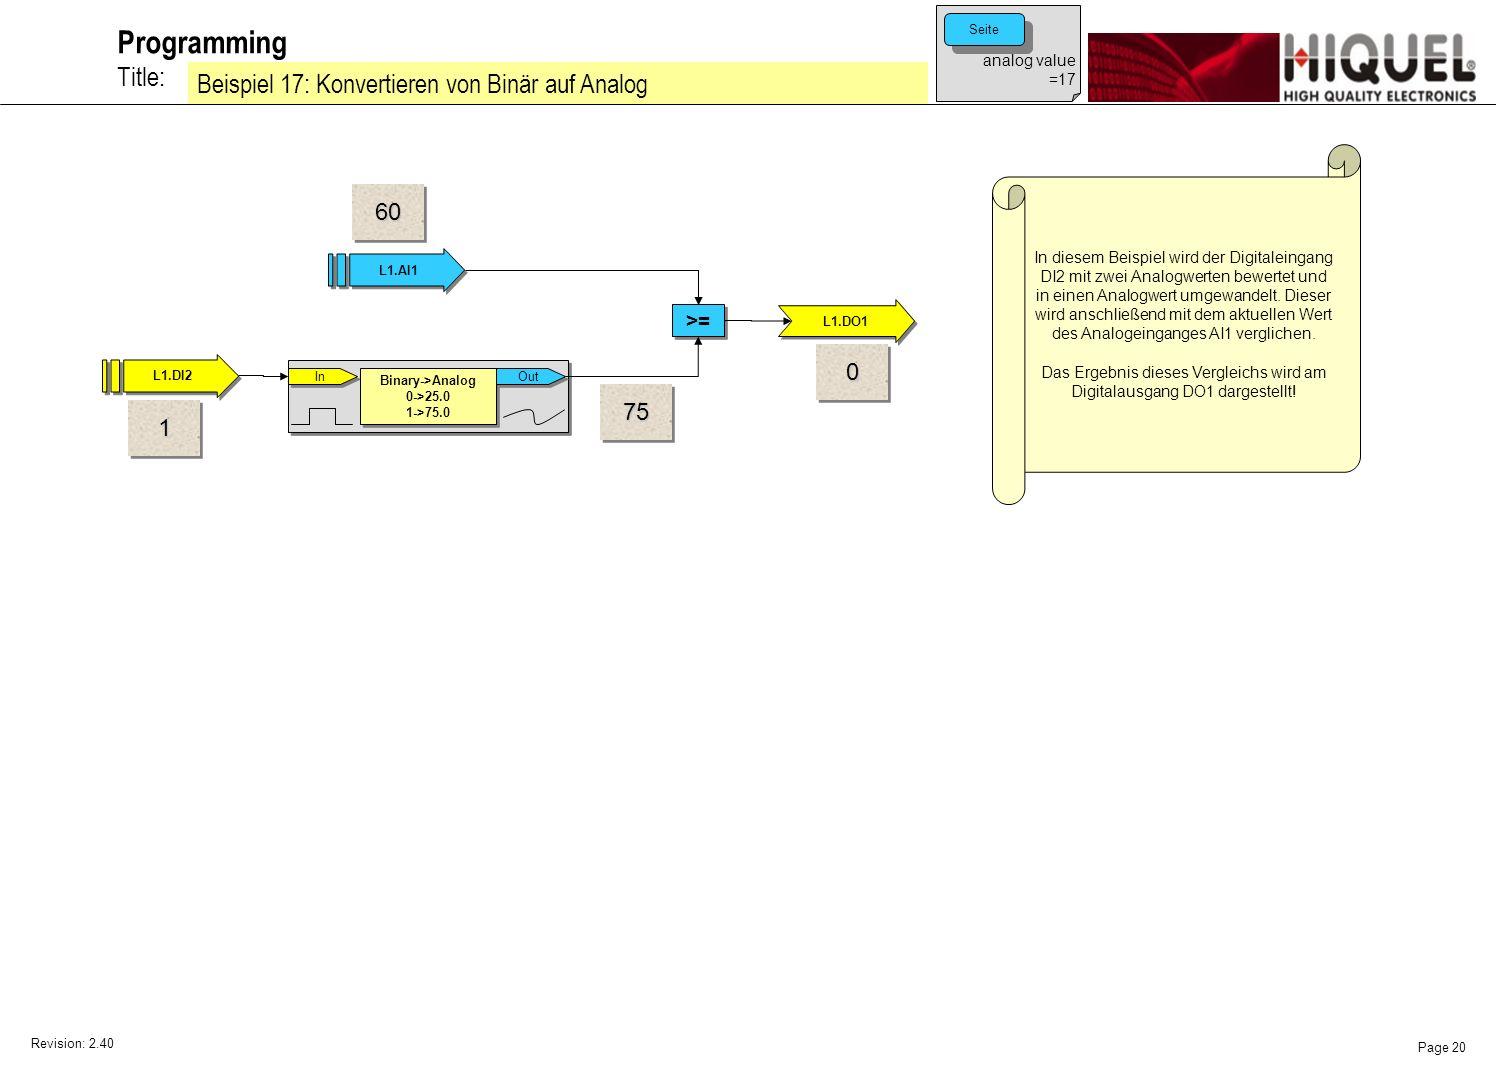 Revision: 2.40 Page 20 Title: Programming Beispiel 17: Konvertieren von Binär auf Analog In diesem Beispiel wird der Digitaleingang DI2 mit zwei Analogwerten bewertet und in einen Analogwert umgewandelt.